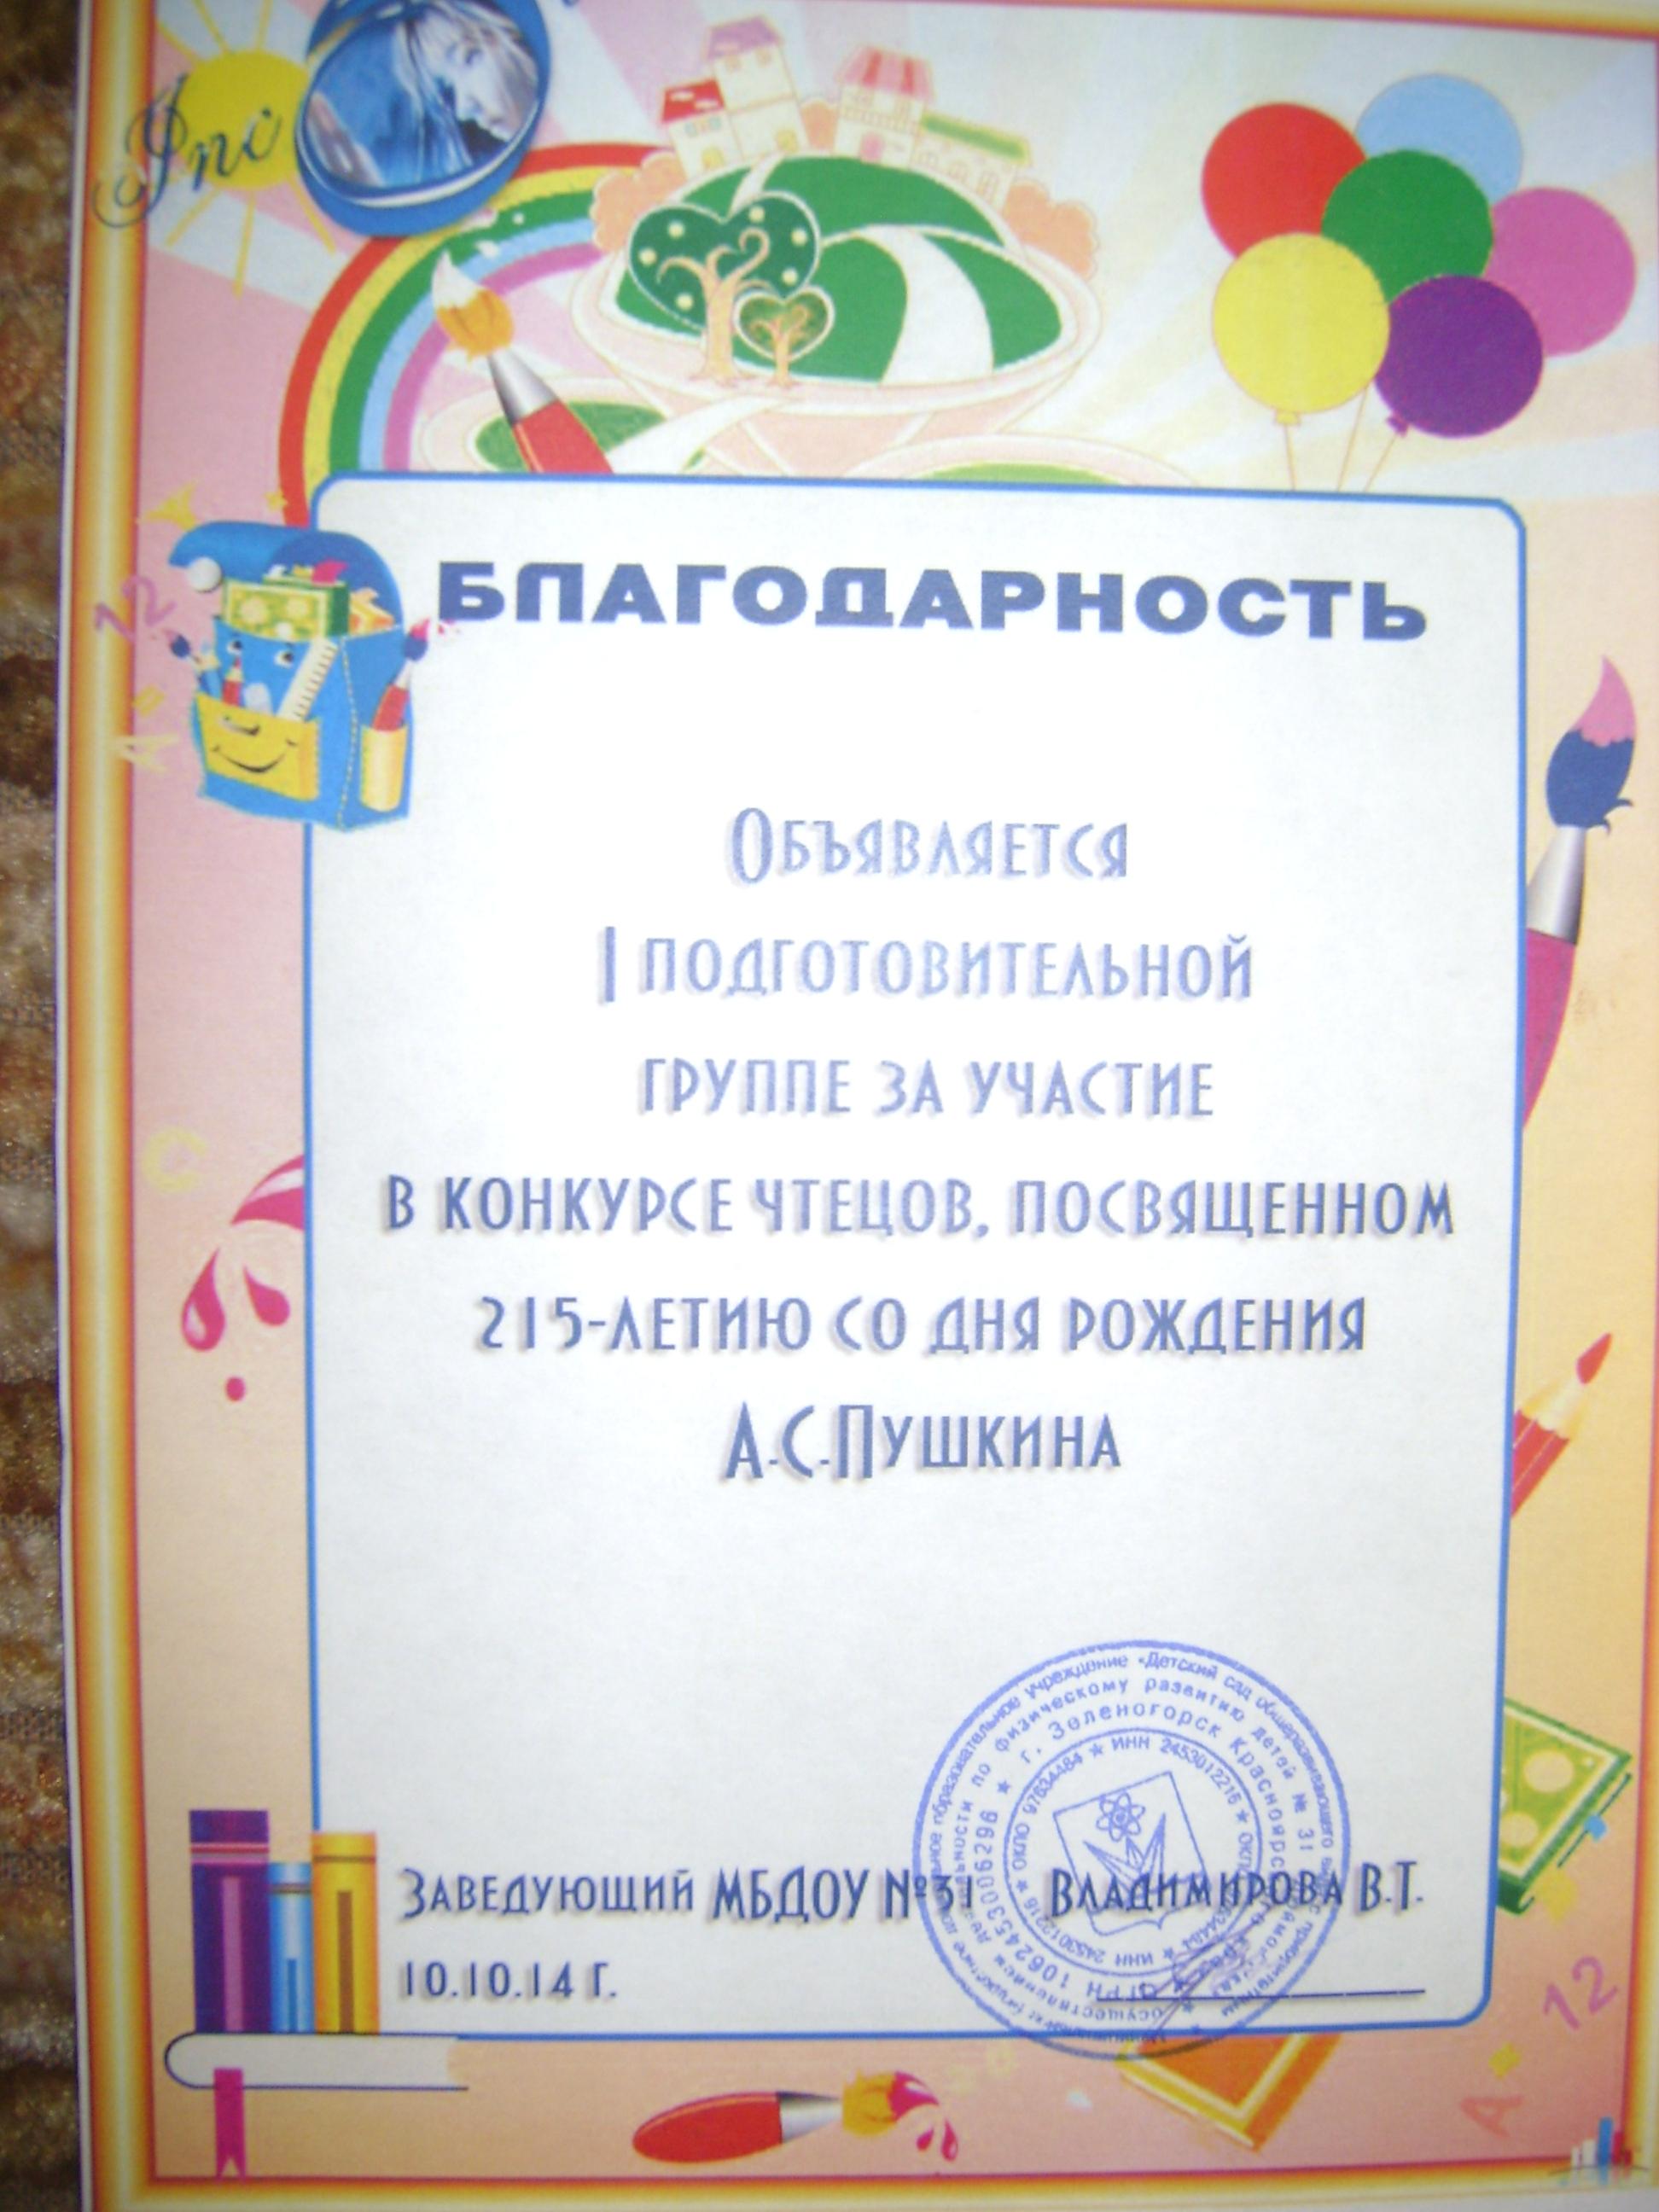 Поздравления детей на конкурсах